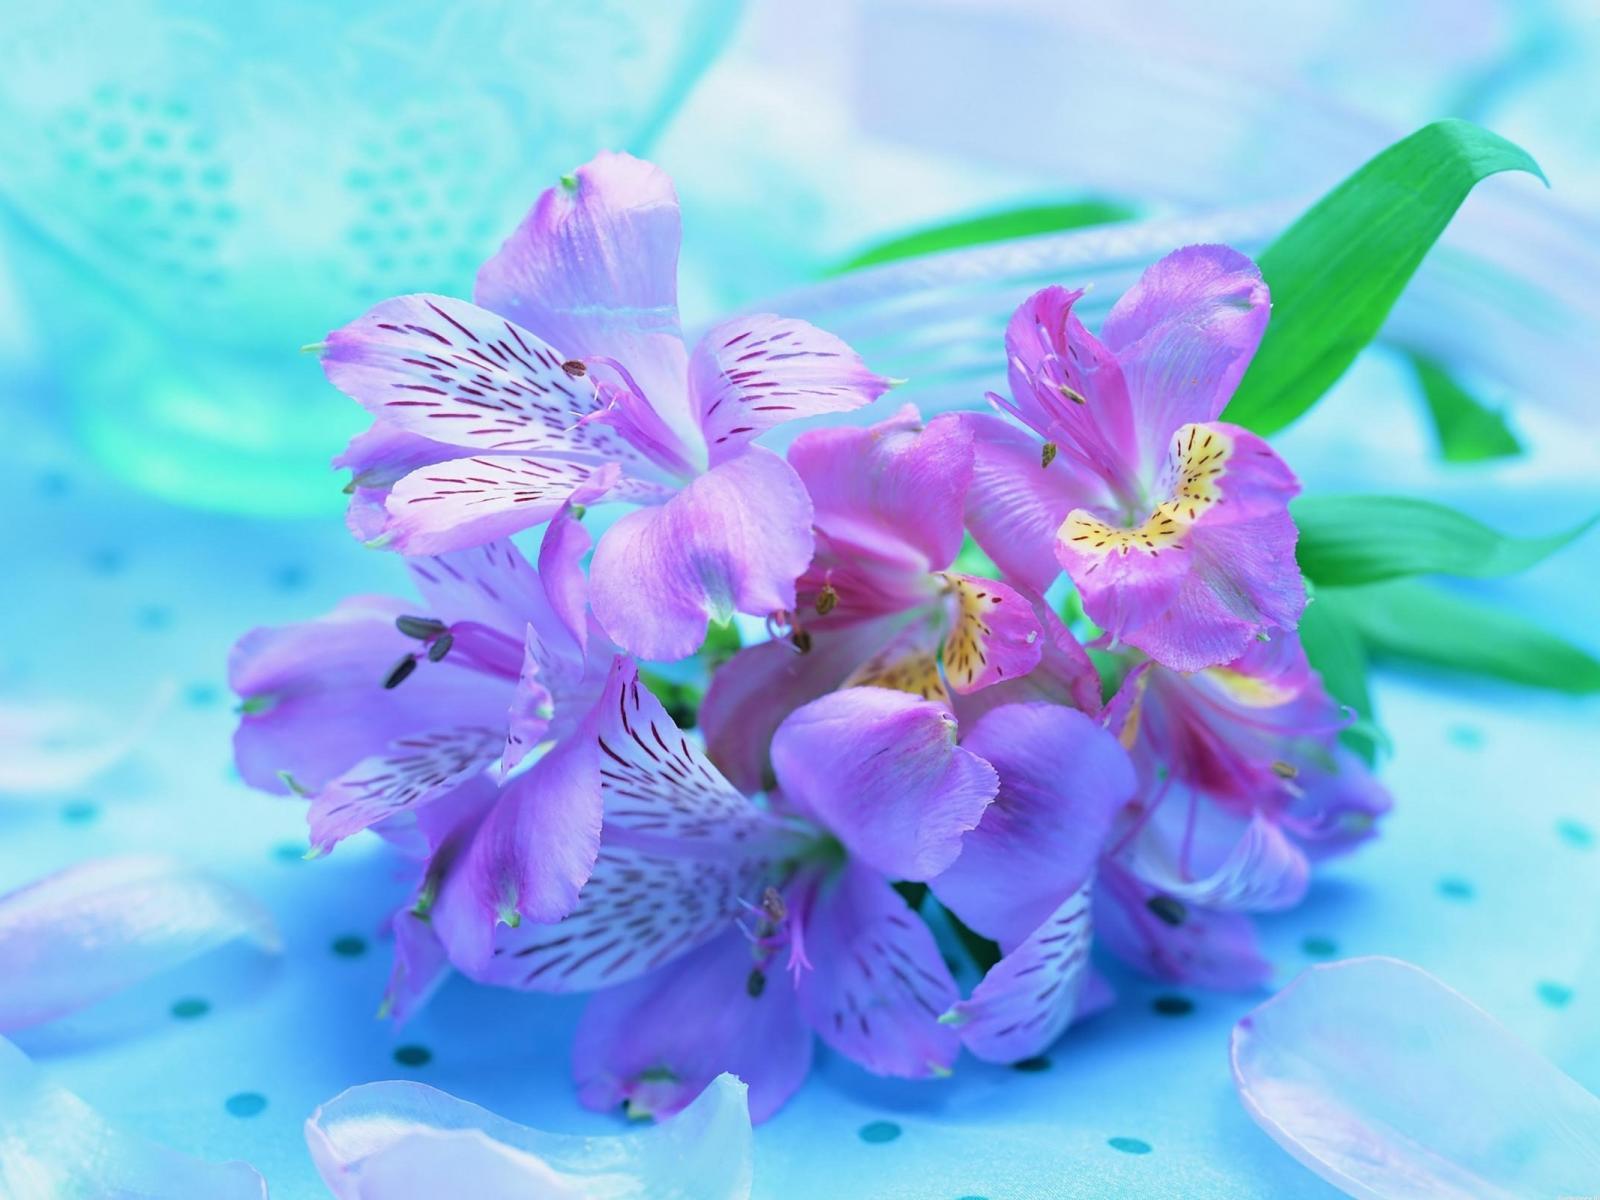 Букет ирисов яркие нежные цветы 1600x1200